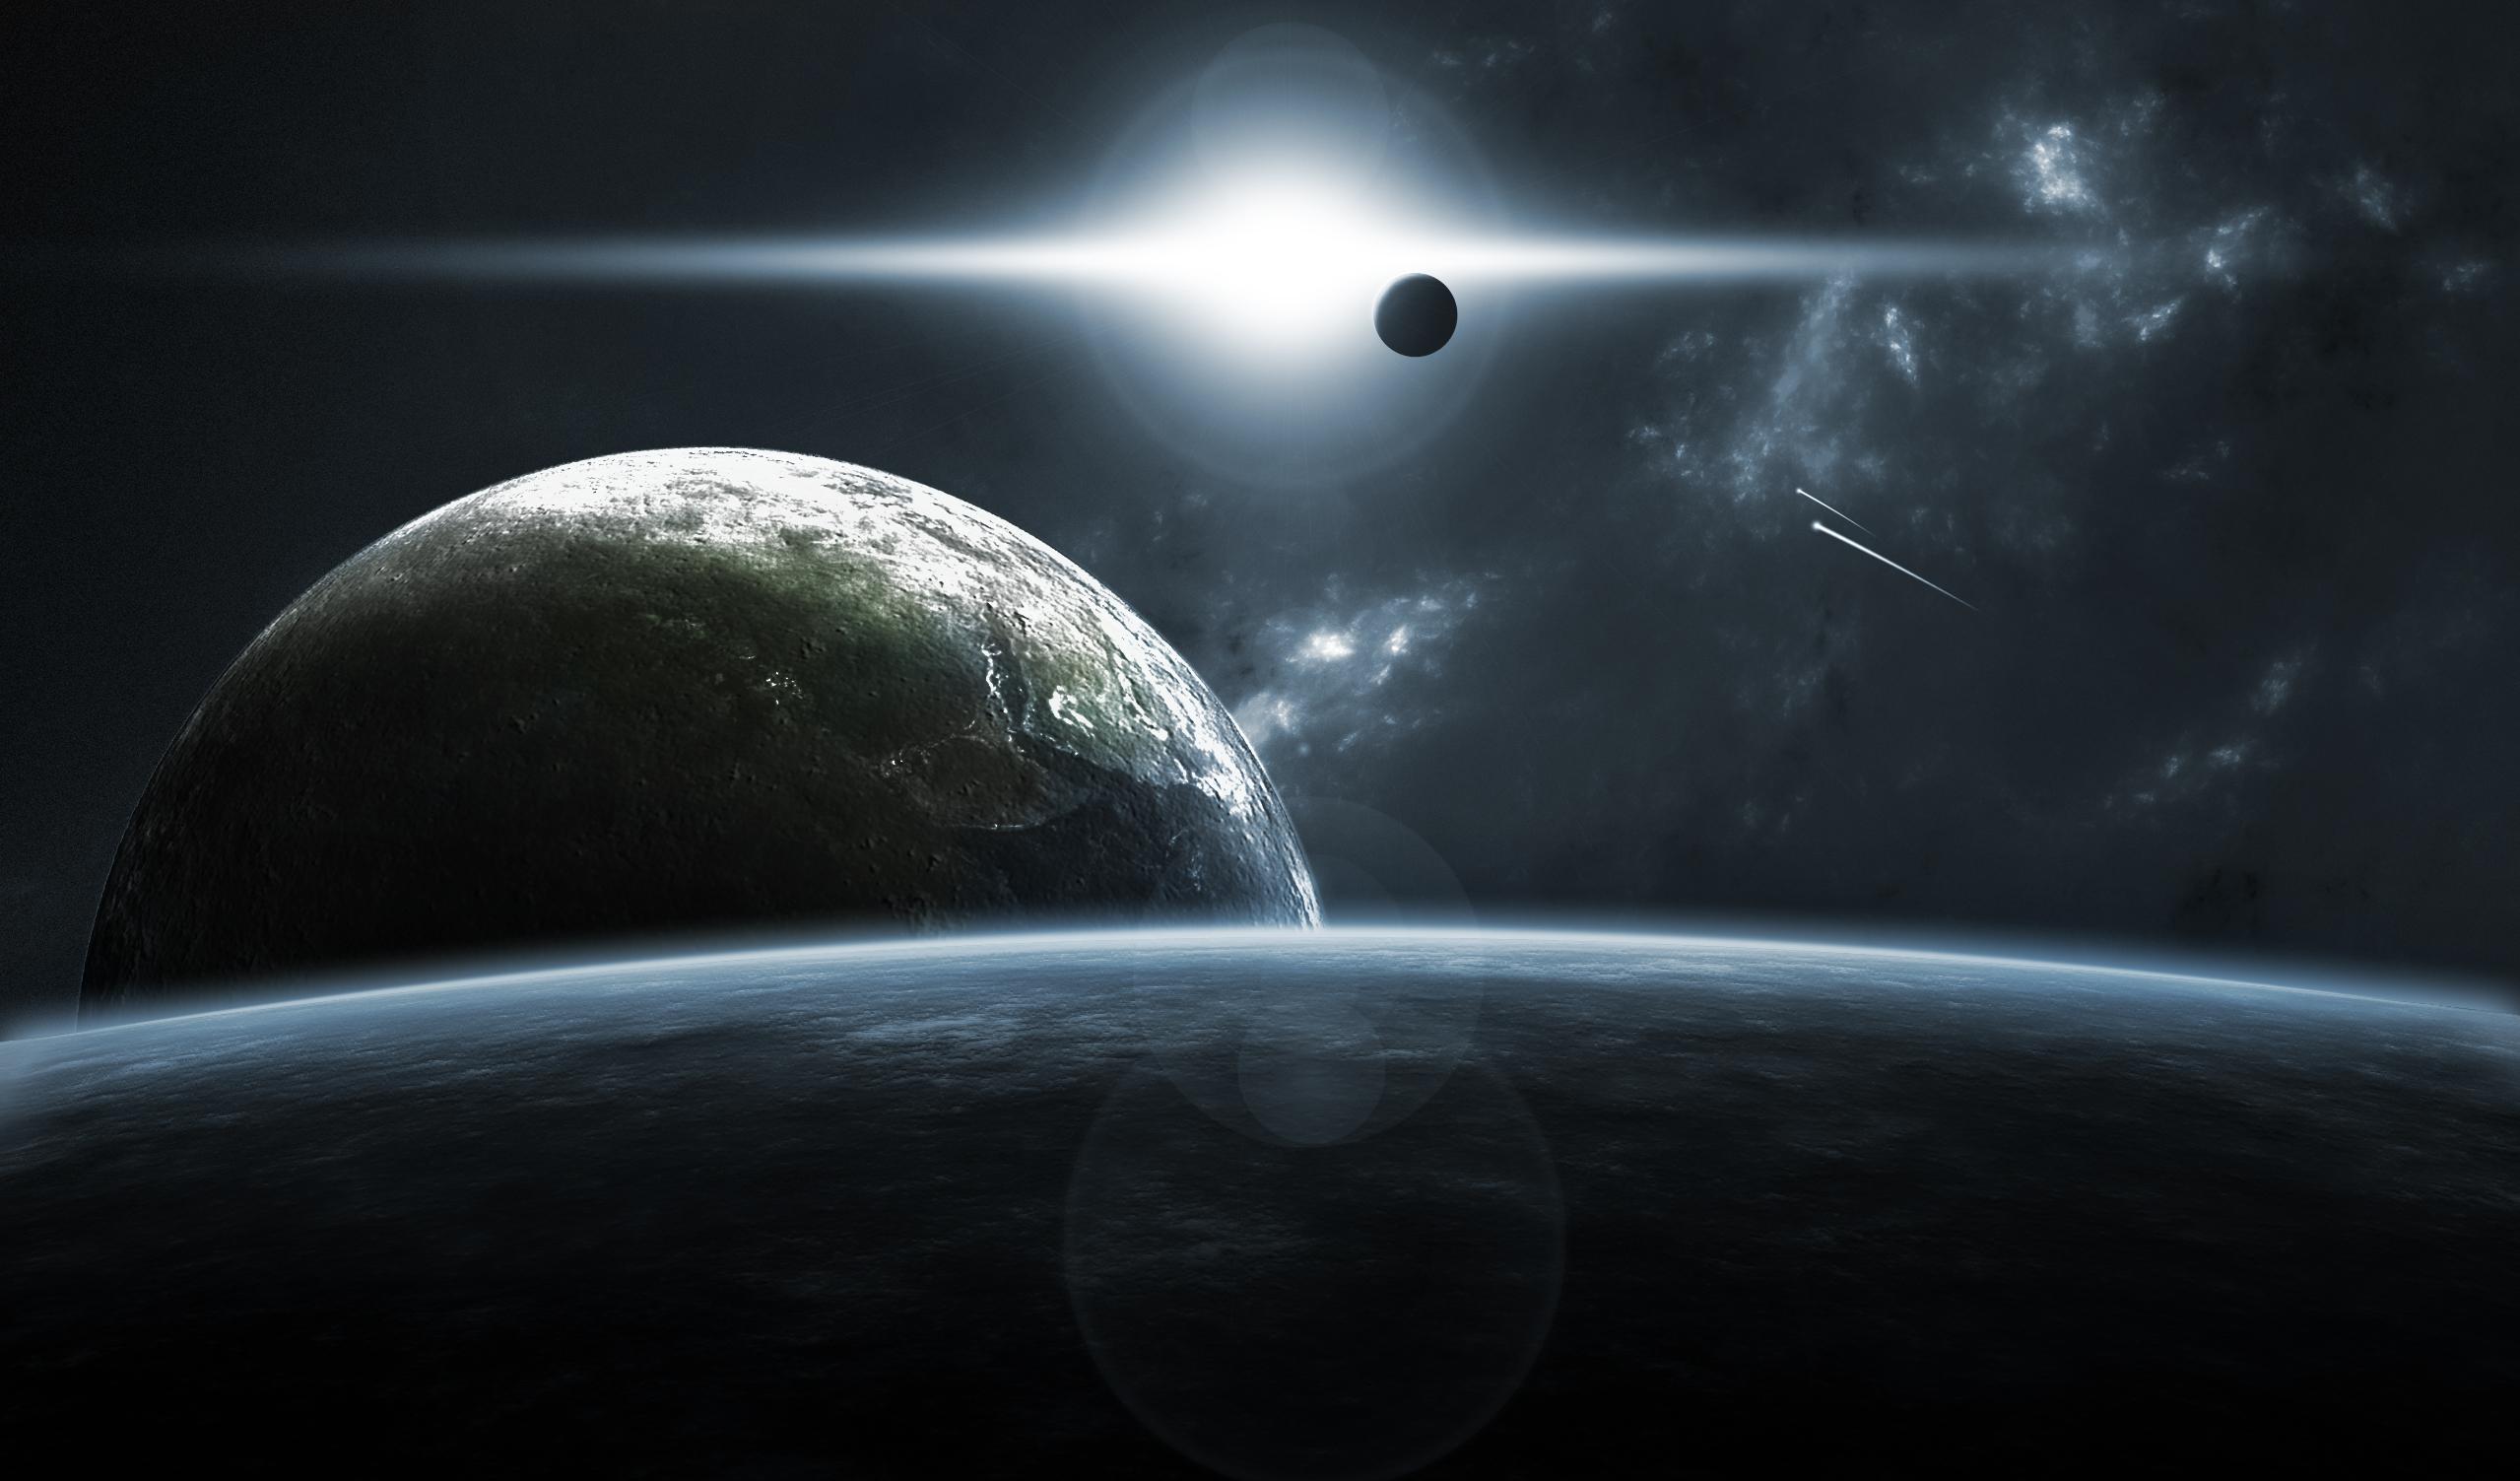 Iphone X Hd Wallpaper Space 行星表面 高清壁纸 桌面背景 2558x1503 Id 112628 Wallpaper Abyss